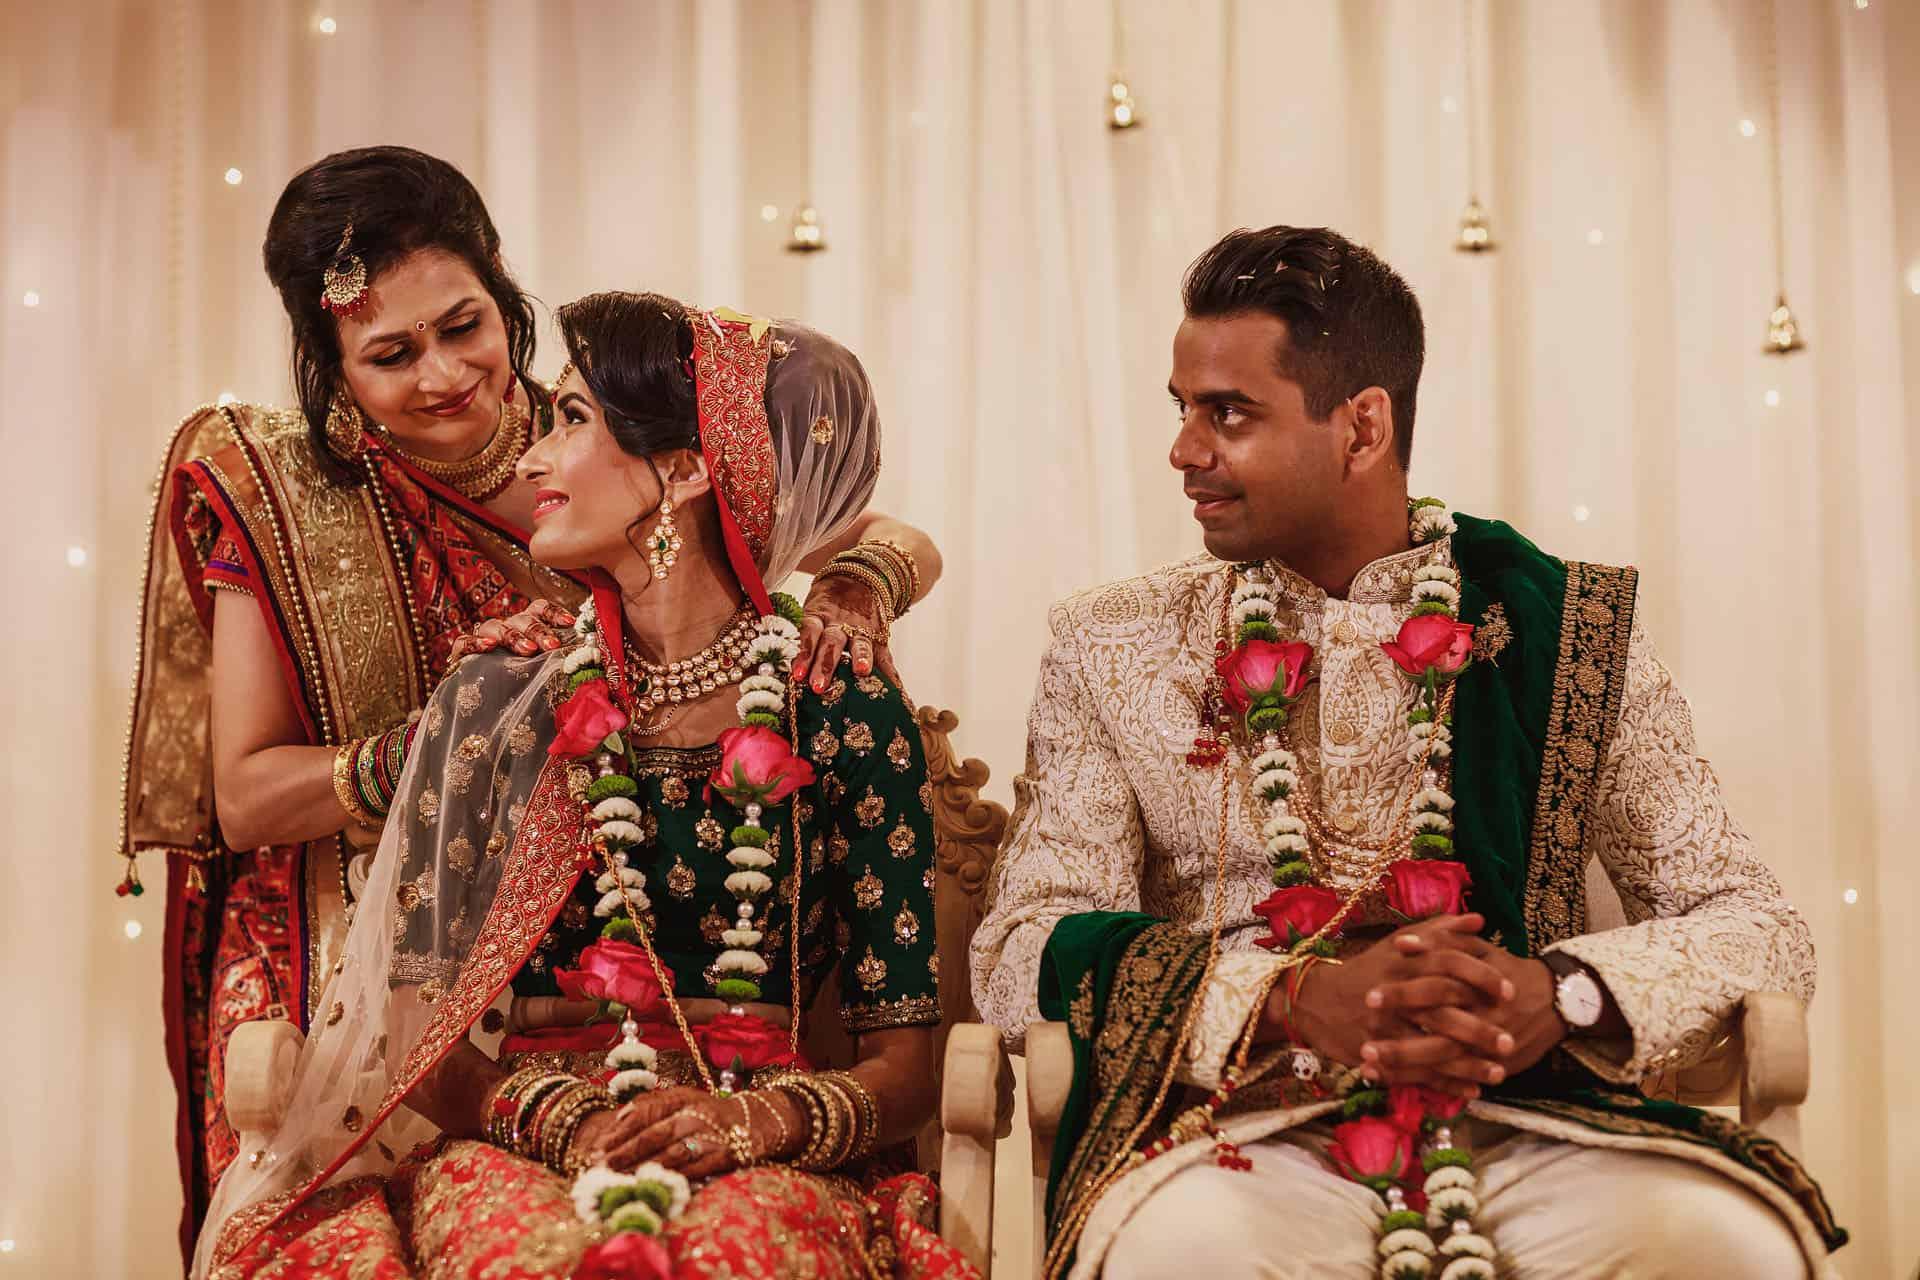 hilton t5 heathrow asian wedding photographer